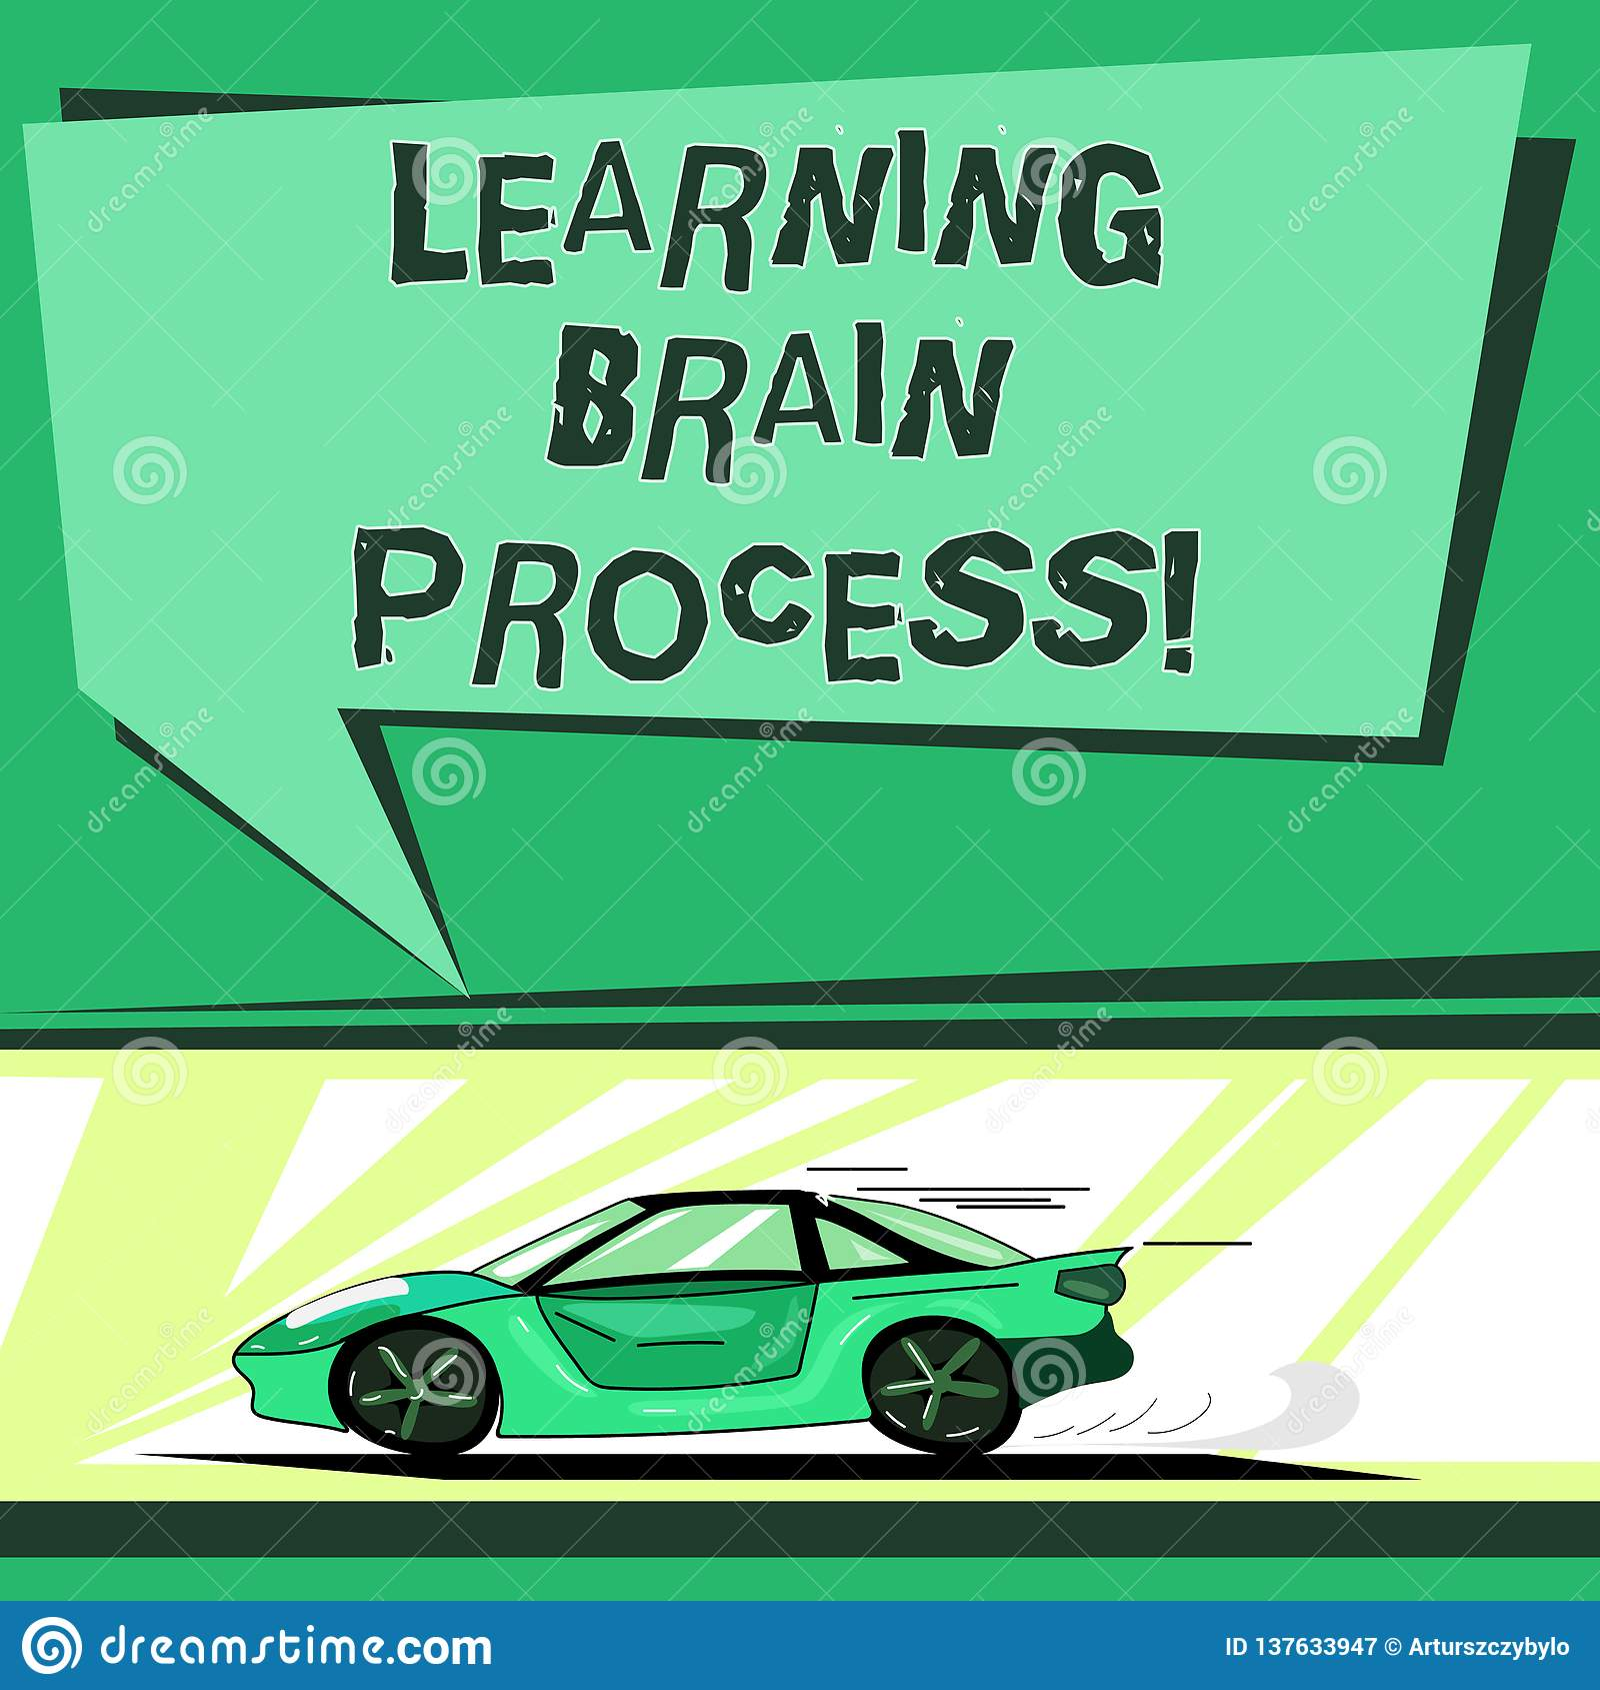 Signe des textes montrant apprenant Brain Process Photo conceptuelle acquérant la nouvelle ou modifiante voiture existante de la